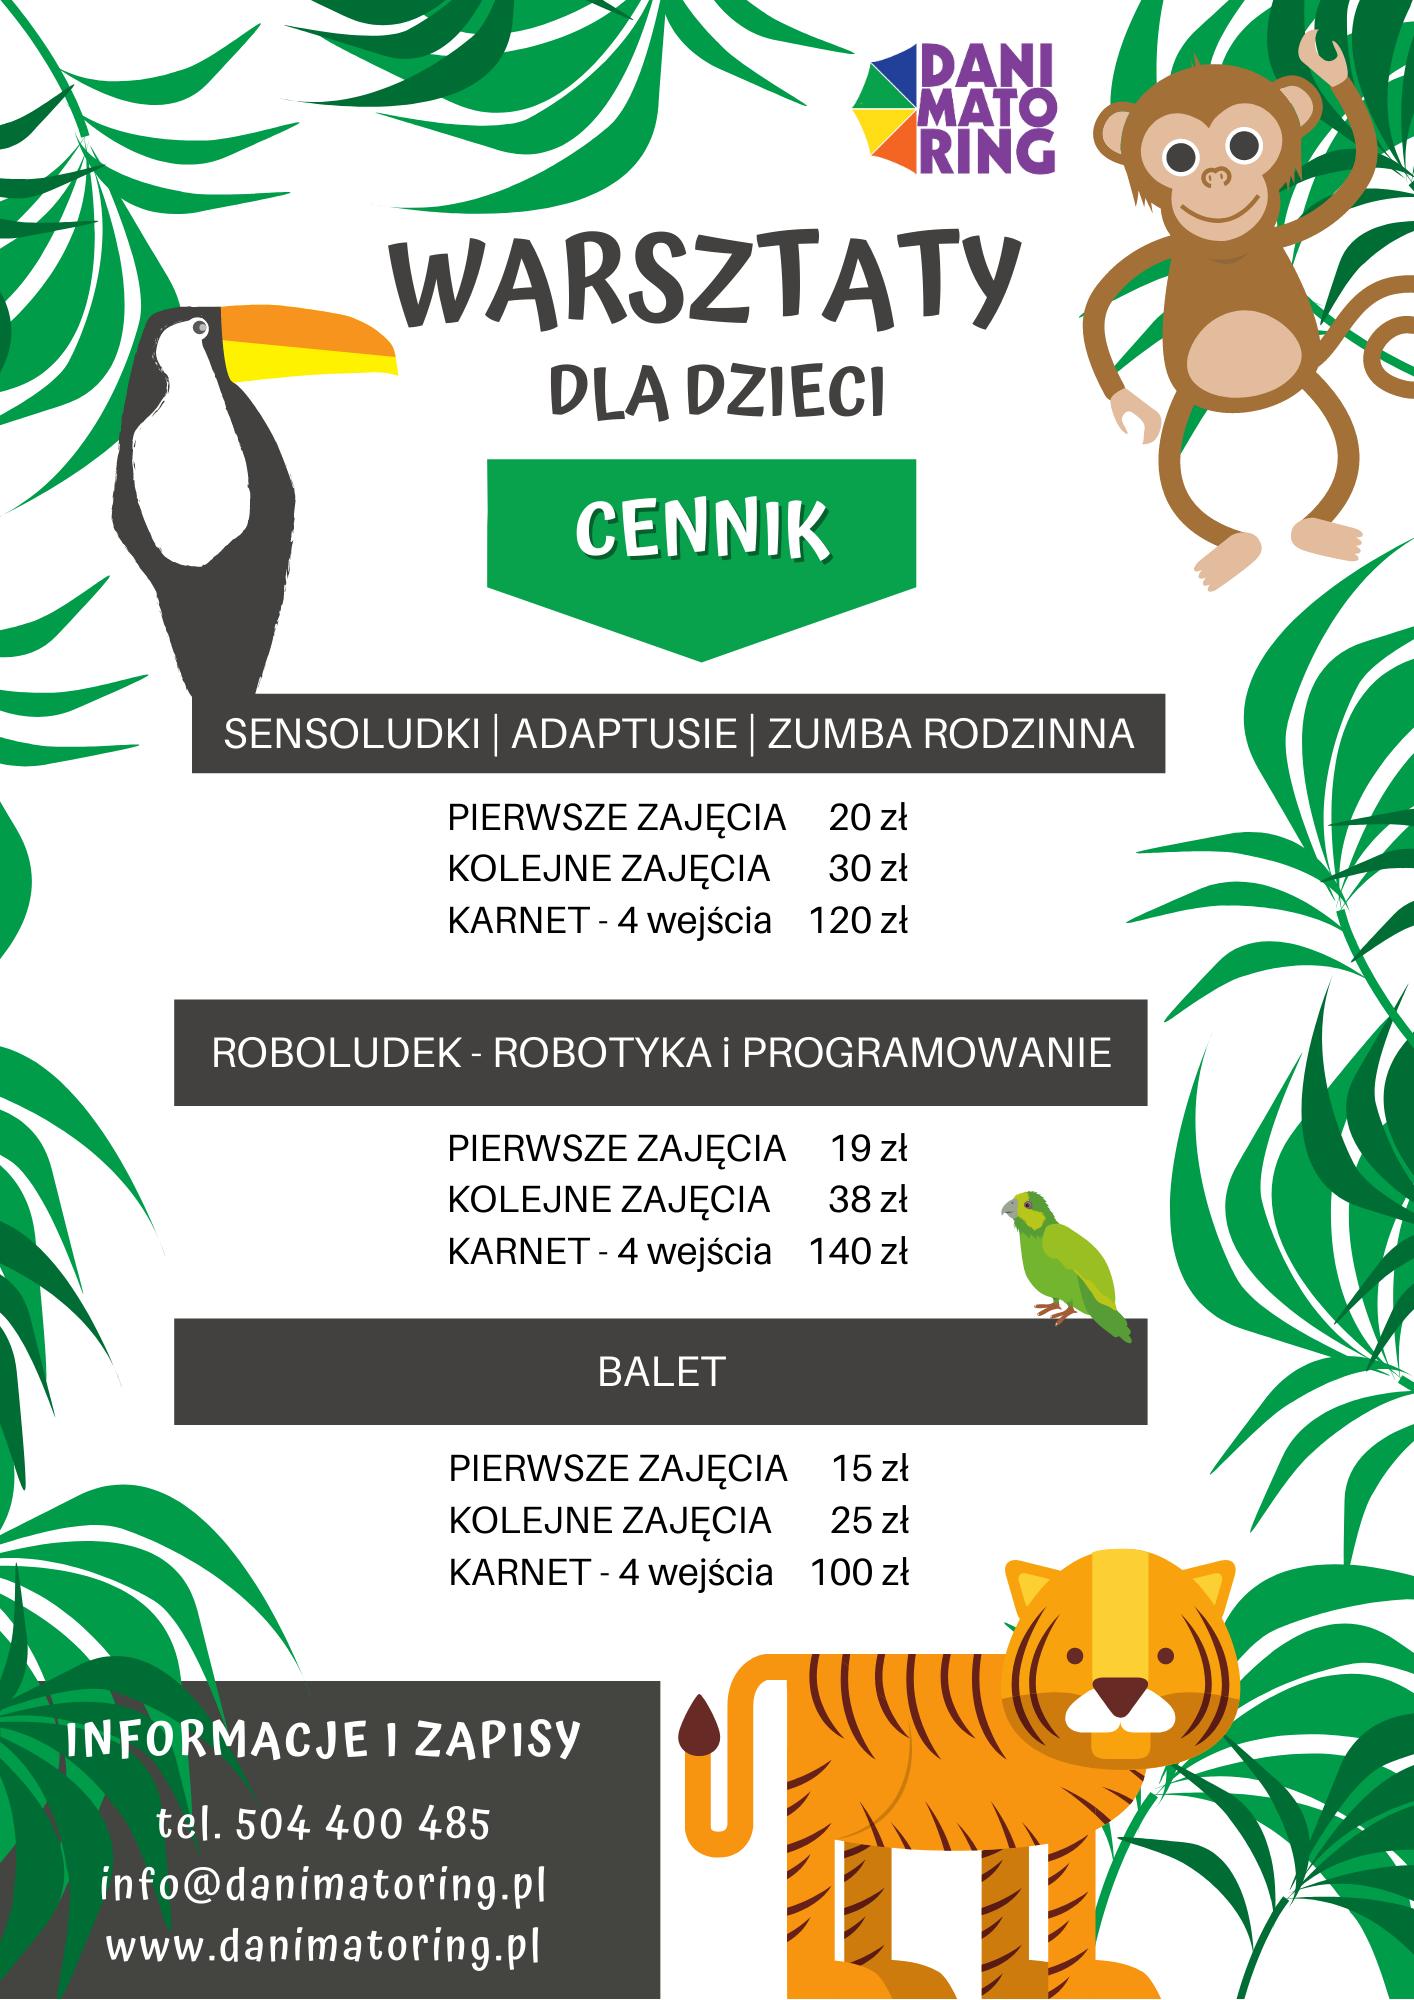 Zajęcia, Warsztaty Dla Dzieci - Poznań zdjęcie nr 3